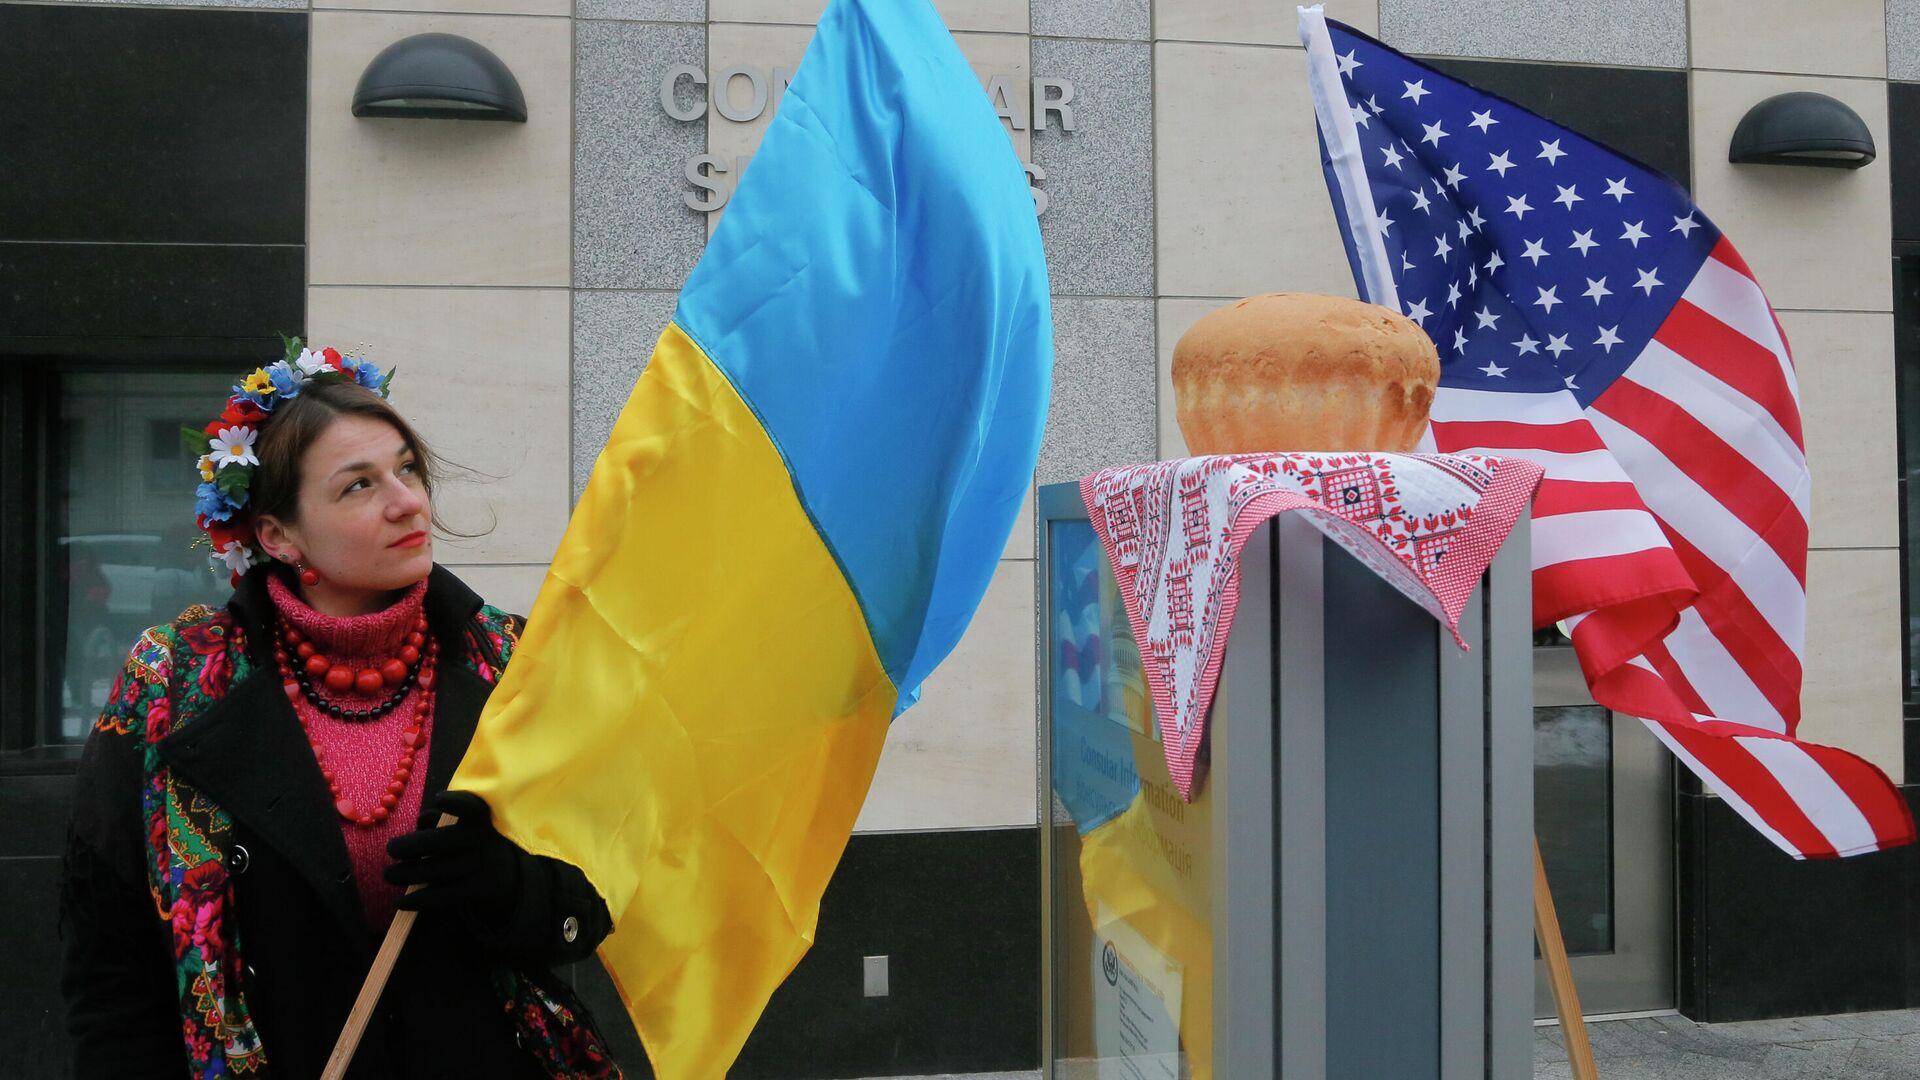 Женщина держит флаг Украины посольством США в Киеве - РИА Новости, 1920, 27.10.2020